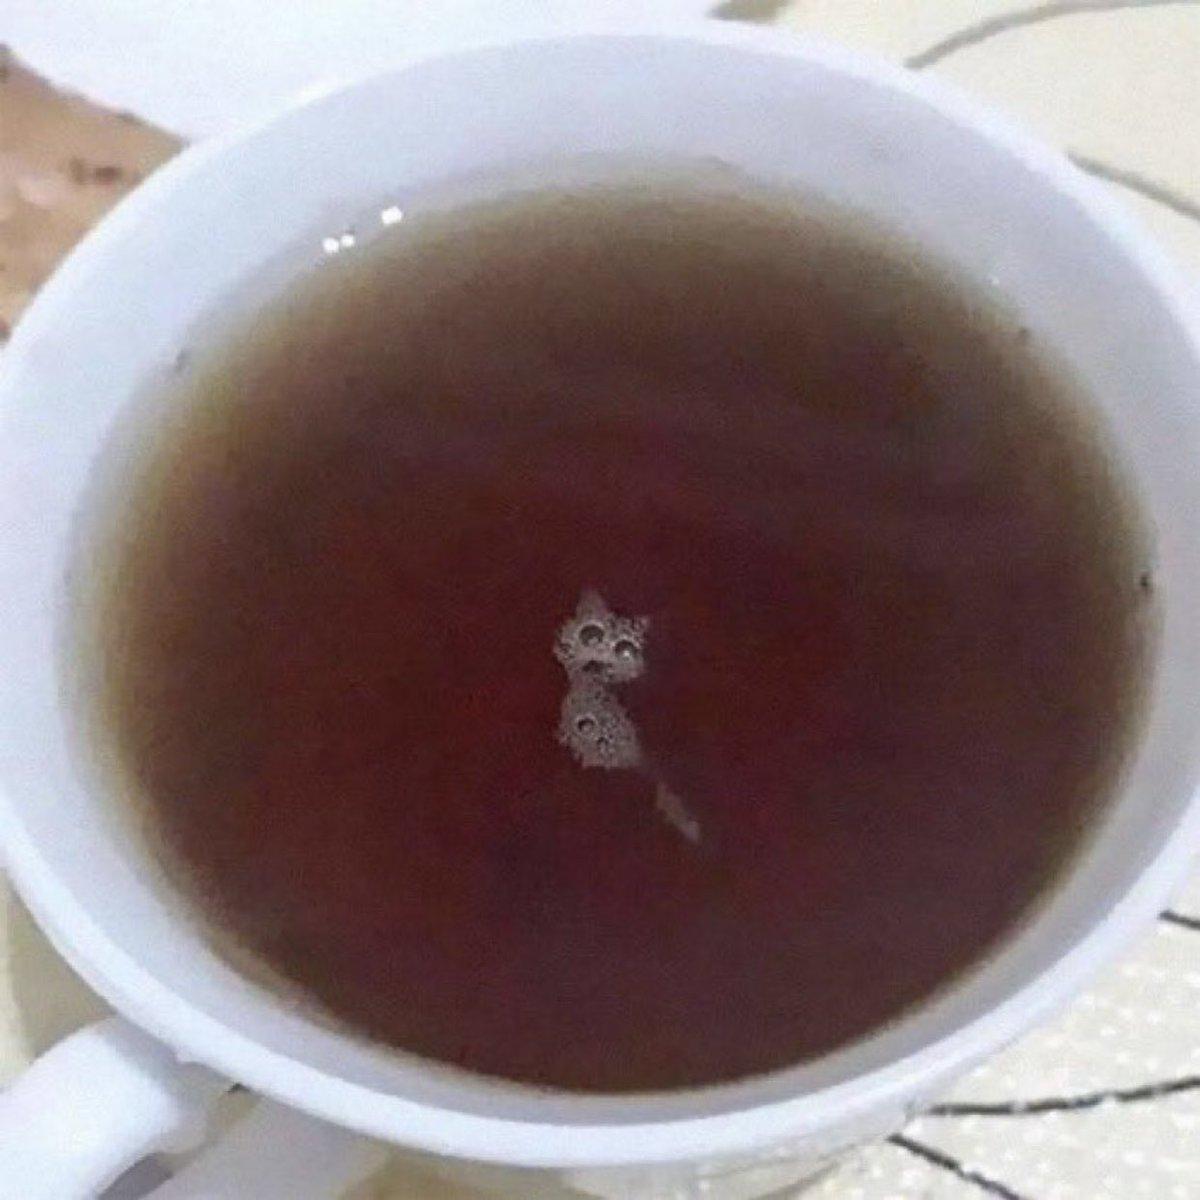 ミラクルな奇跡!?コーヒーを飲もうとしたら猫がいたw